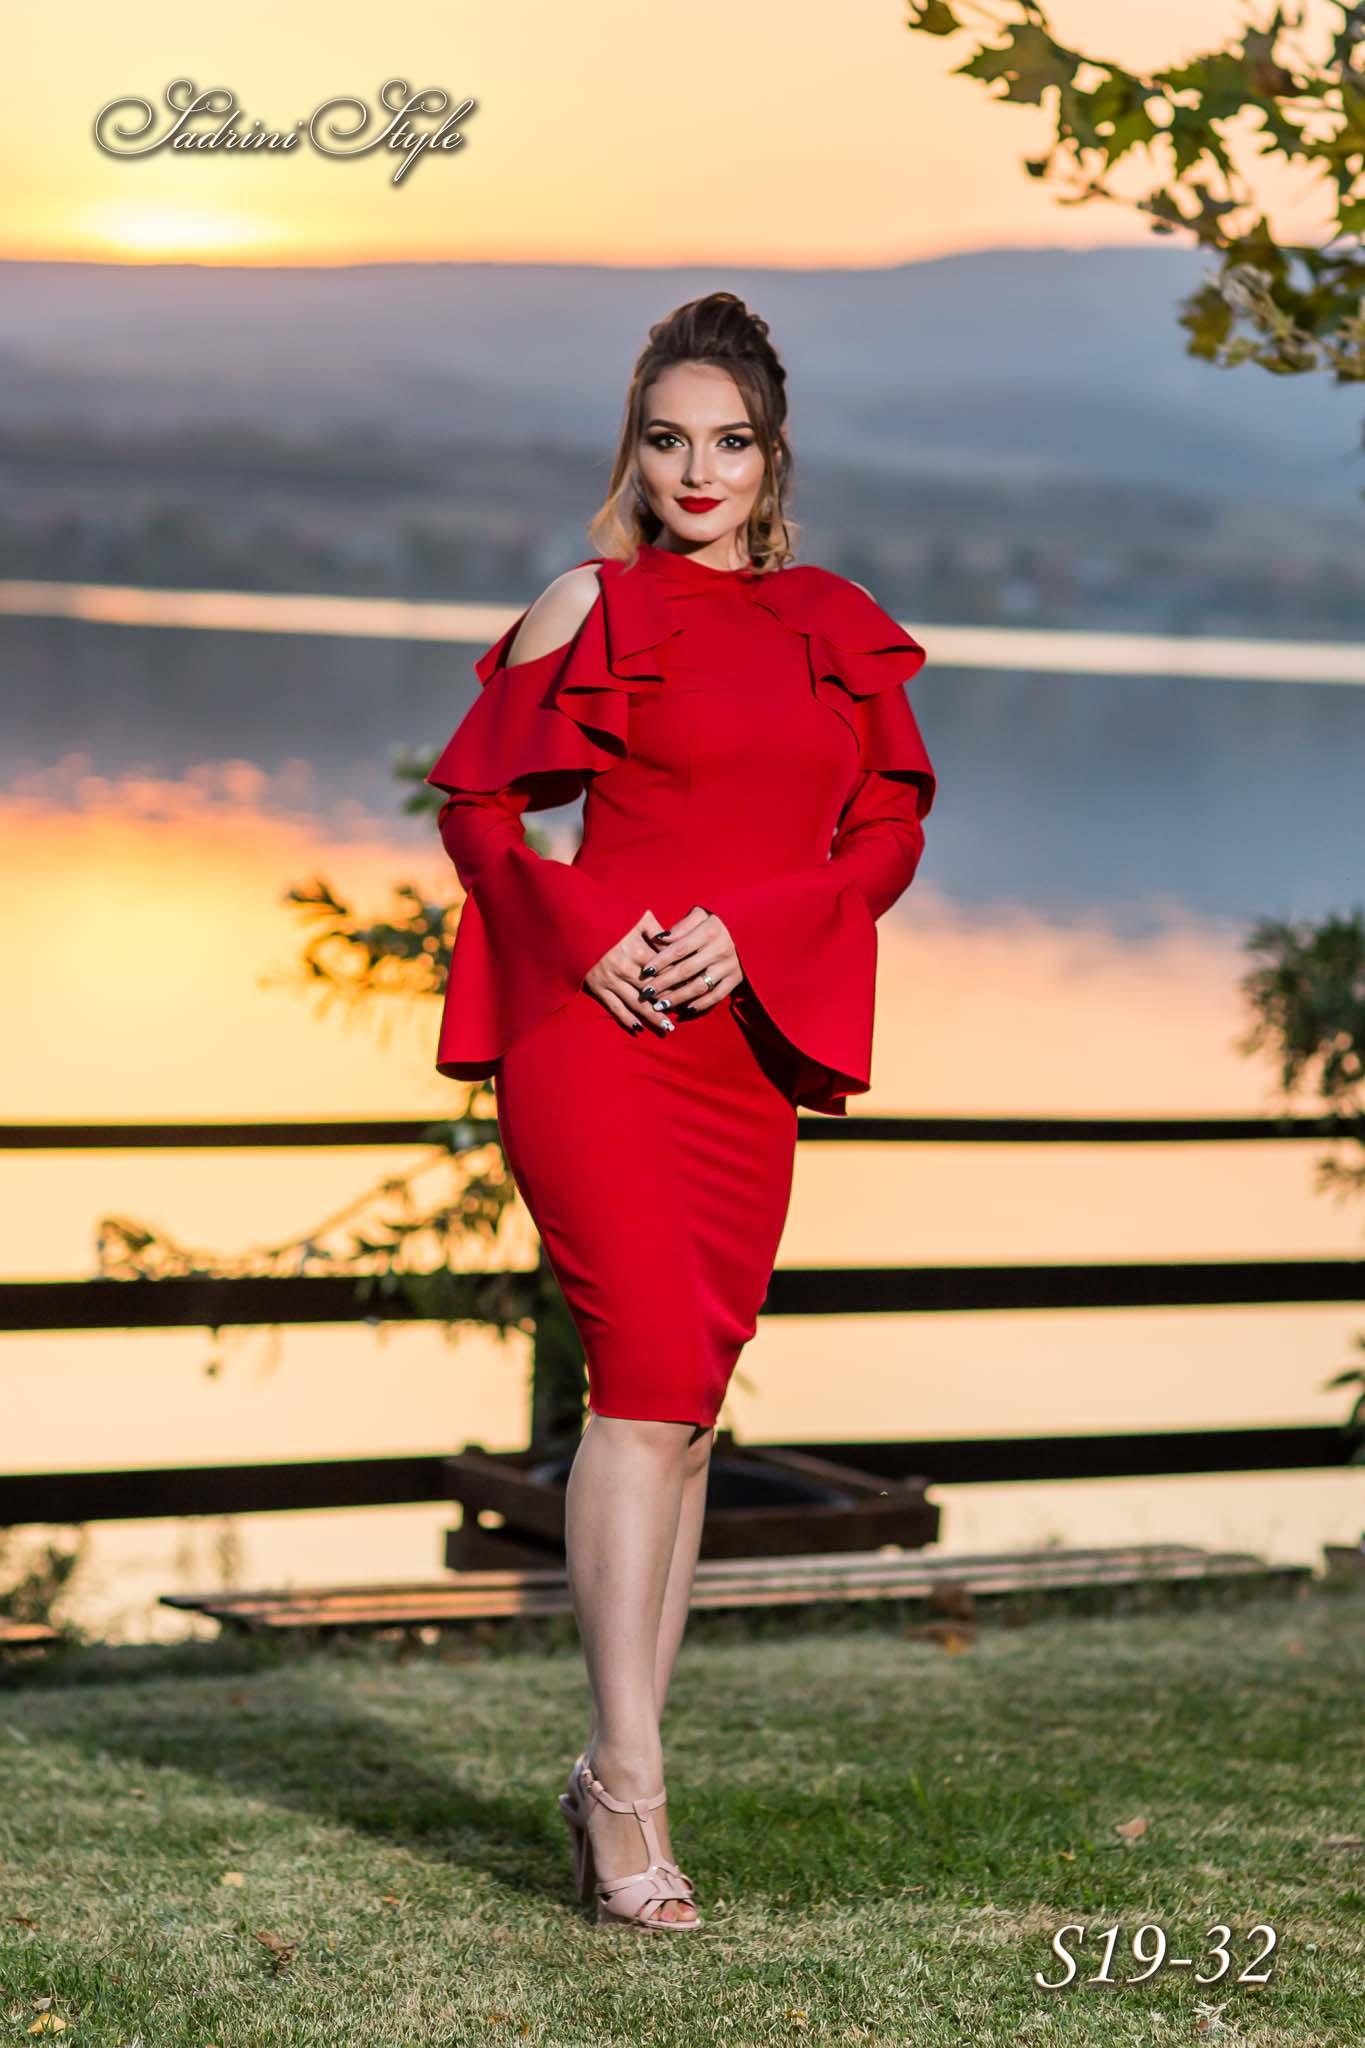 Rochie ocazie 2019 Sadrini Style cat II-60